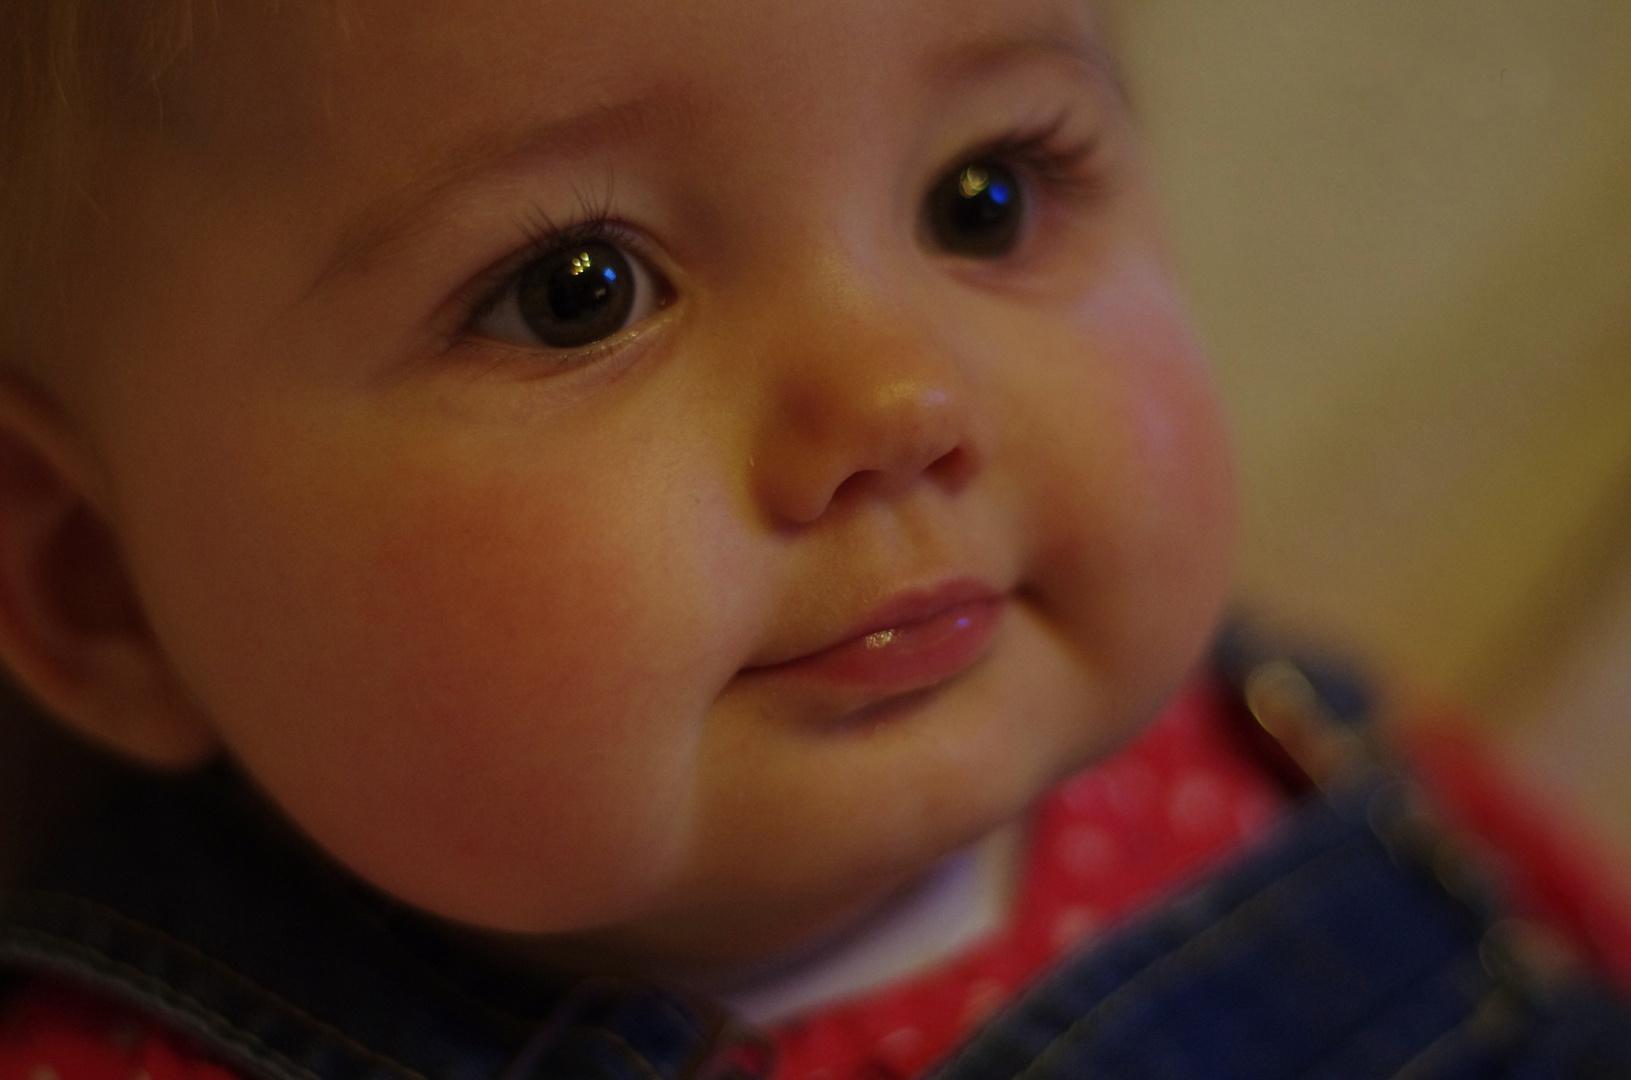 Das Lächeln eines Kindes, erfreut meine ganze Seele